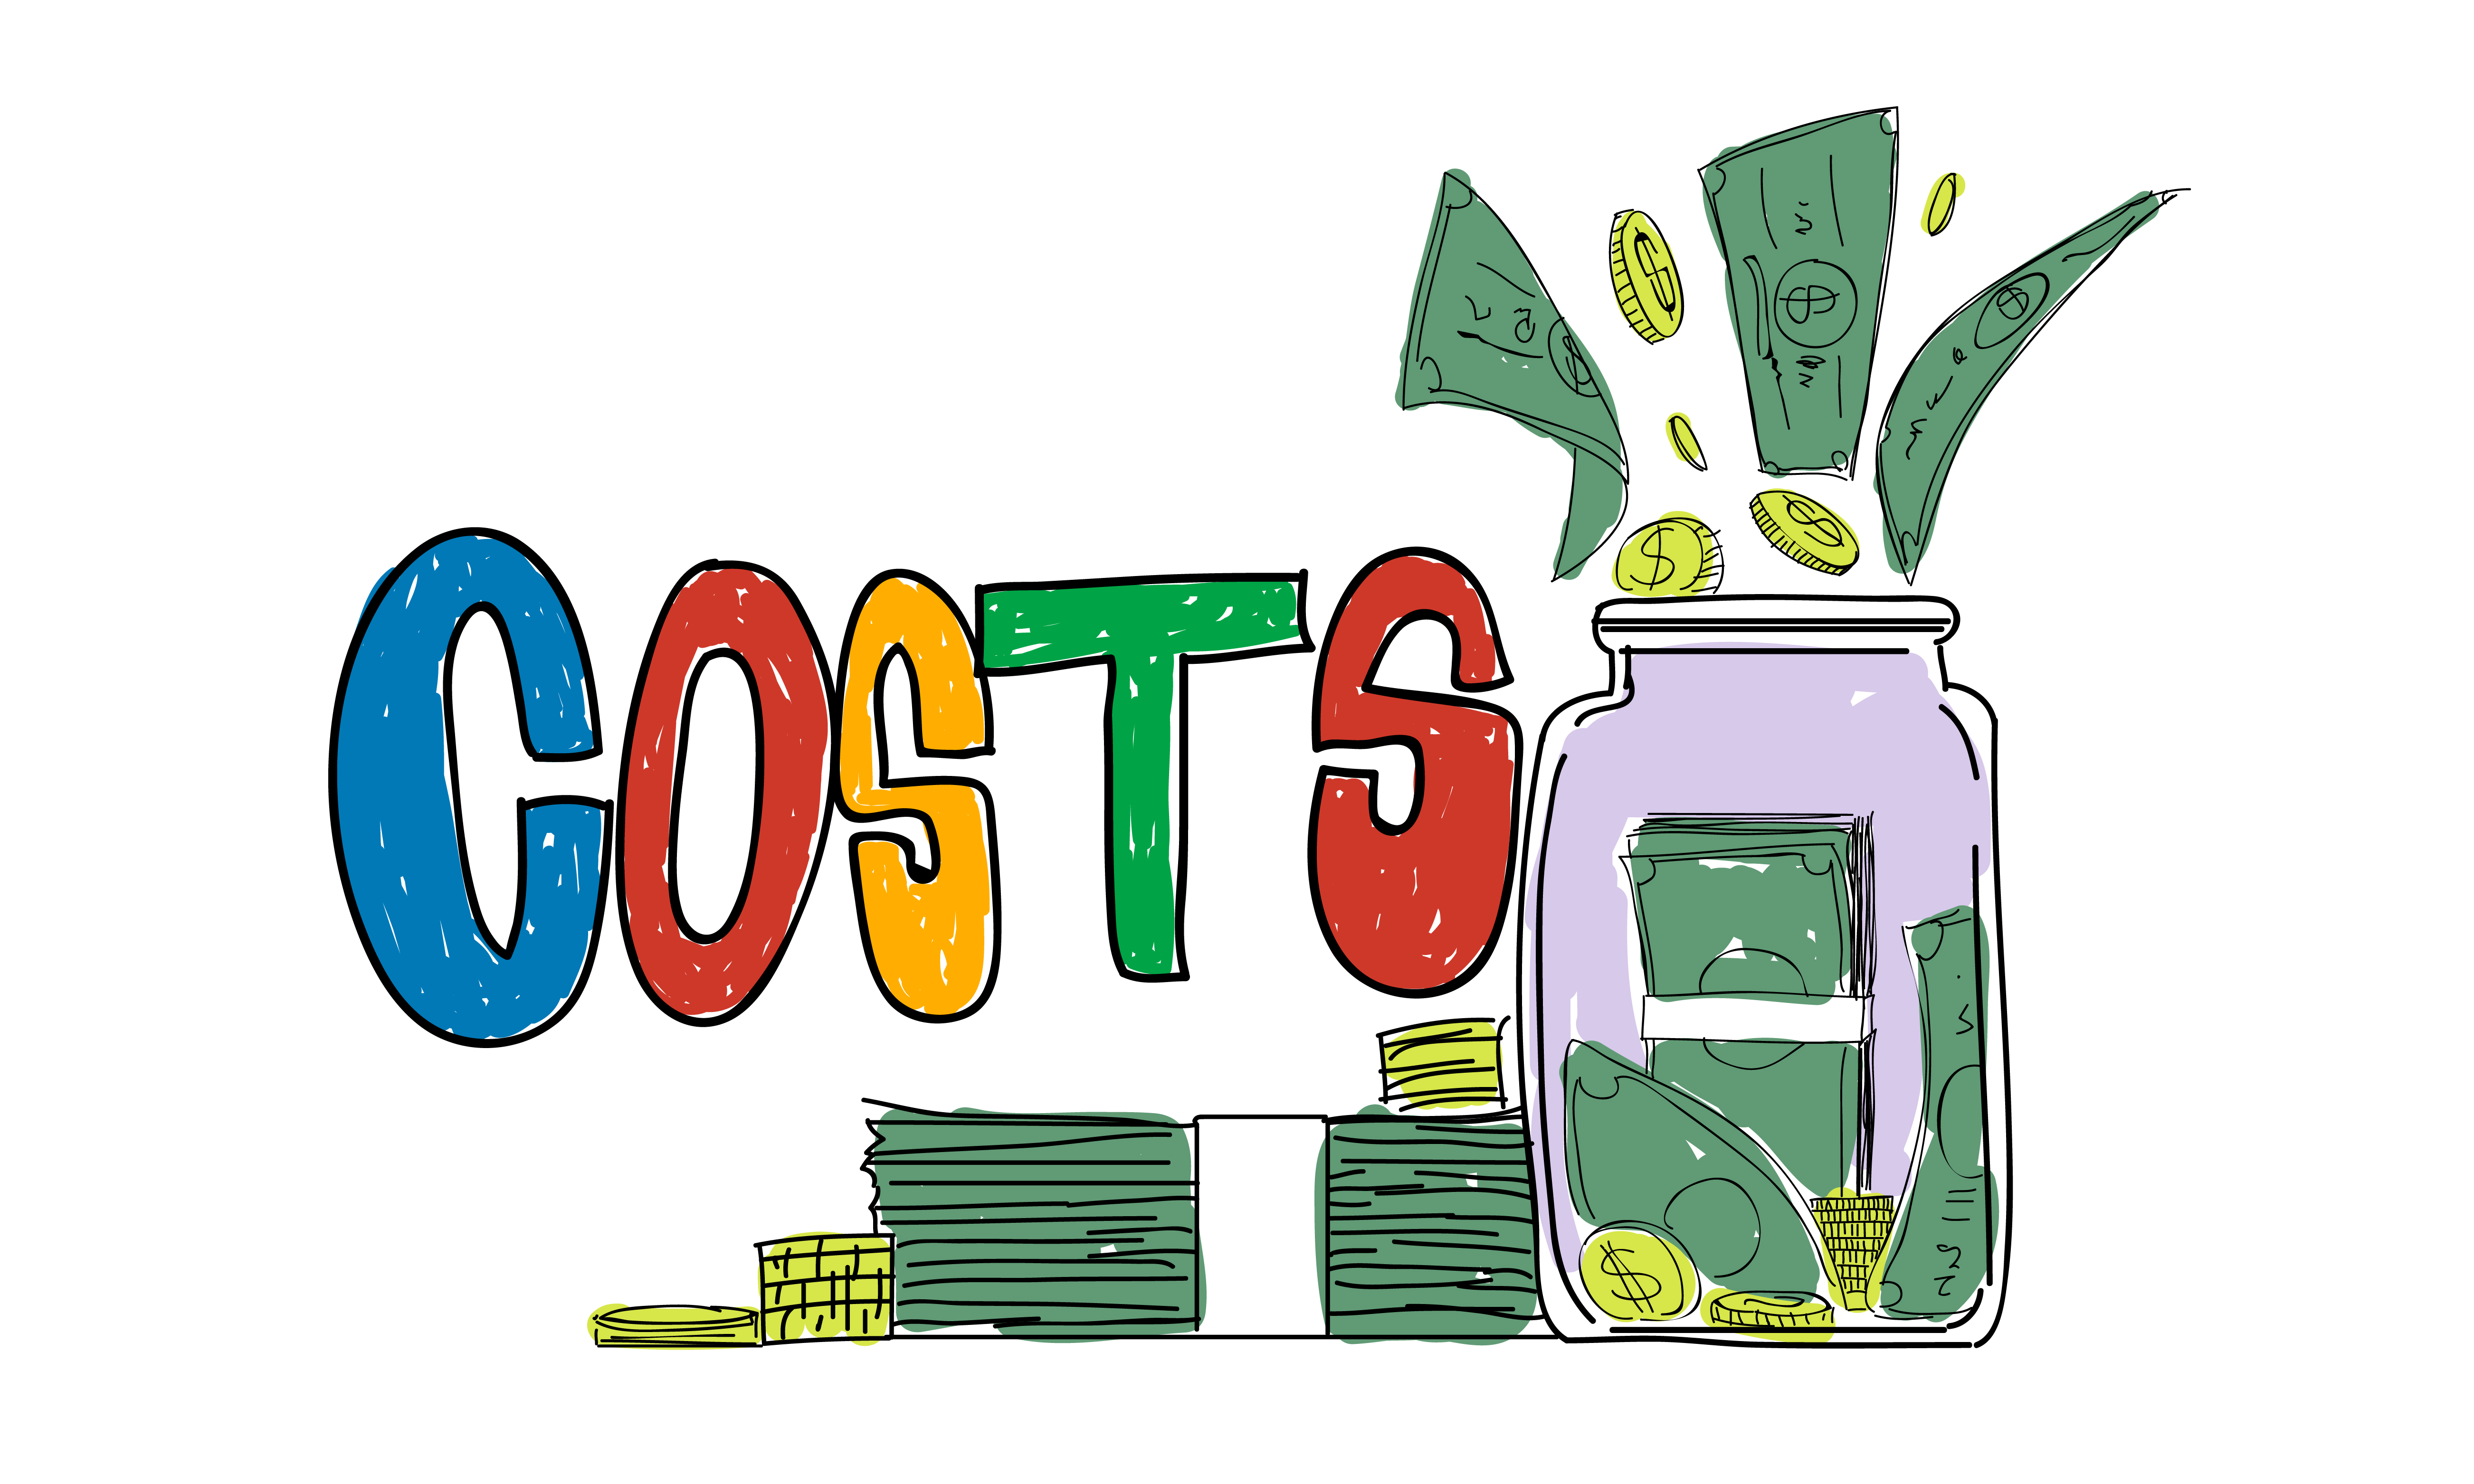 Porównujemy koszty nauki j. angielskiego w zależności od metody